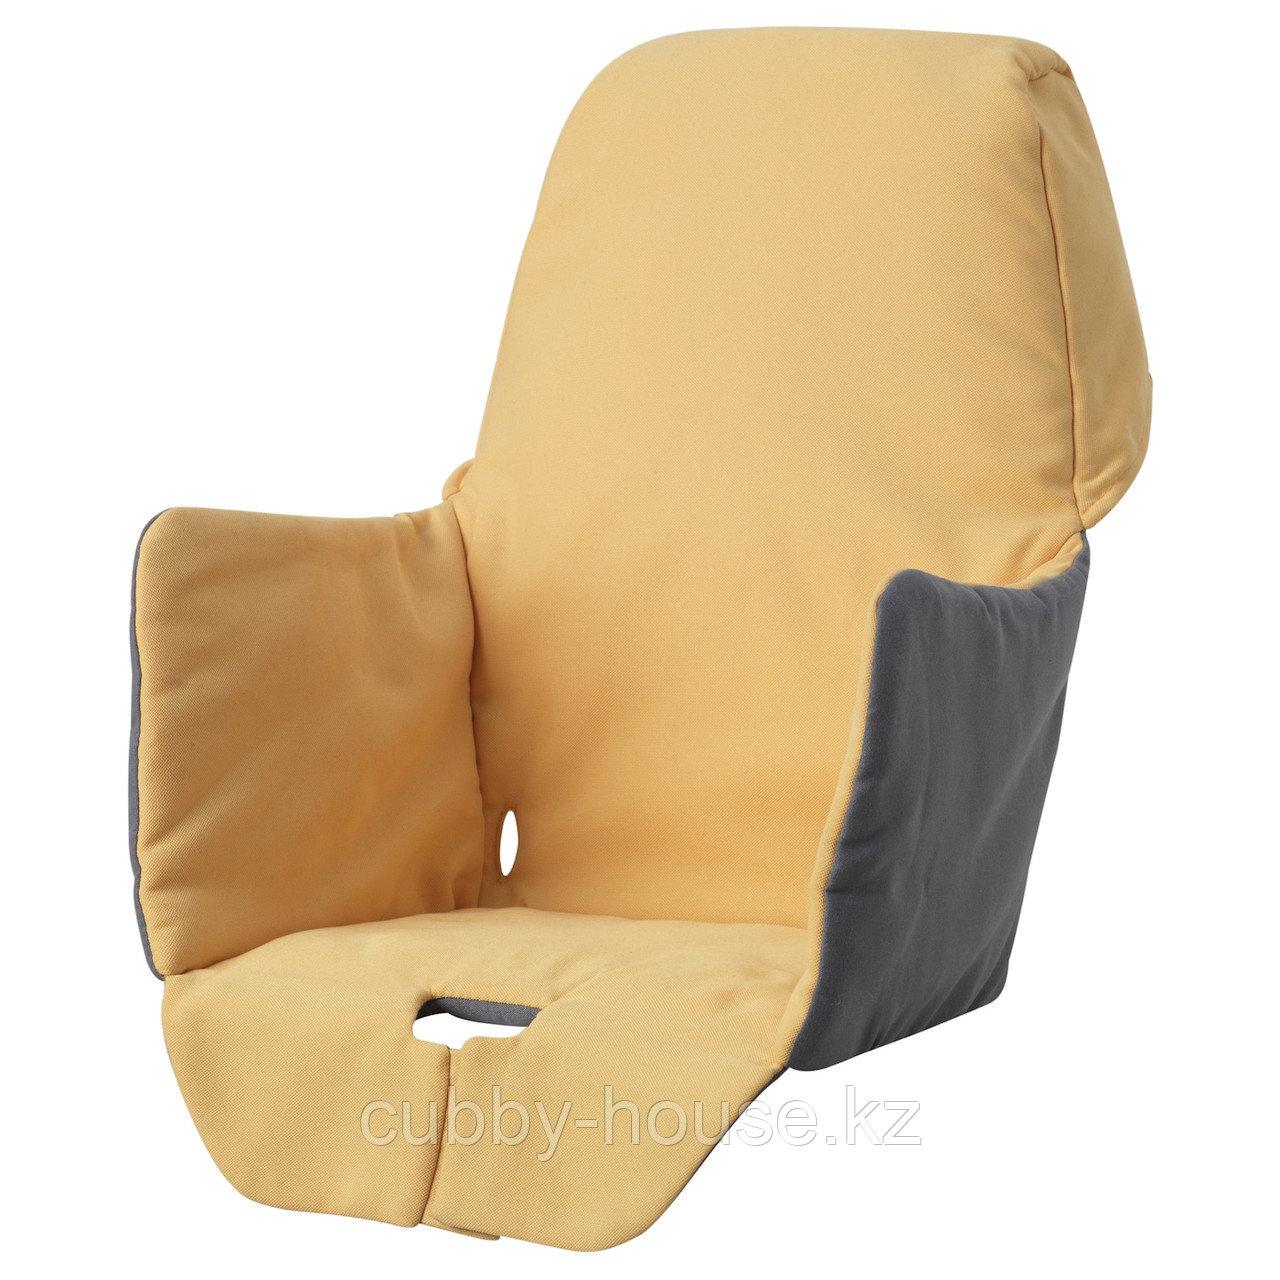 ЛАНГУР Мягкий чехол высокого стульчика, желтый